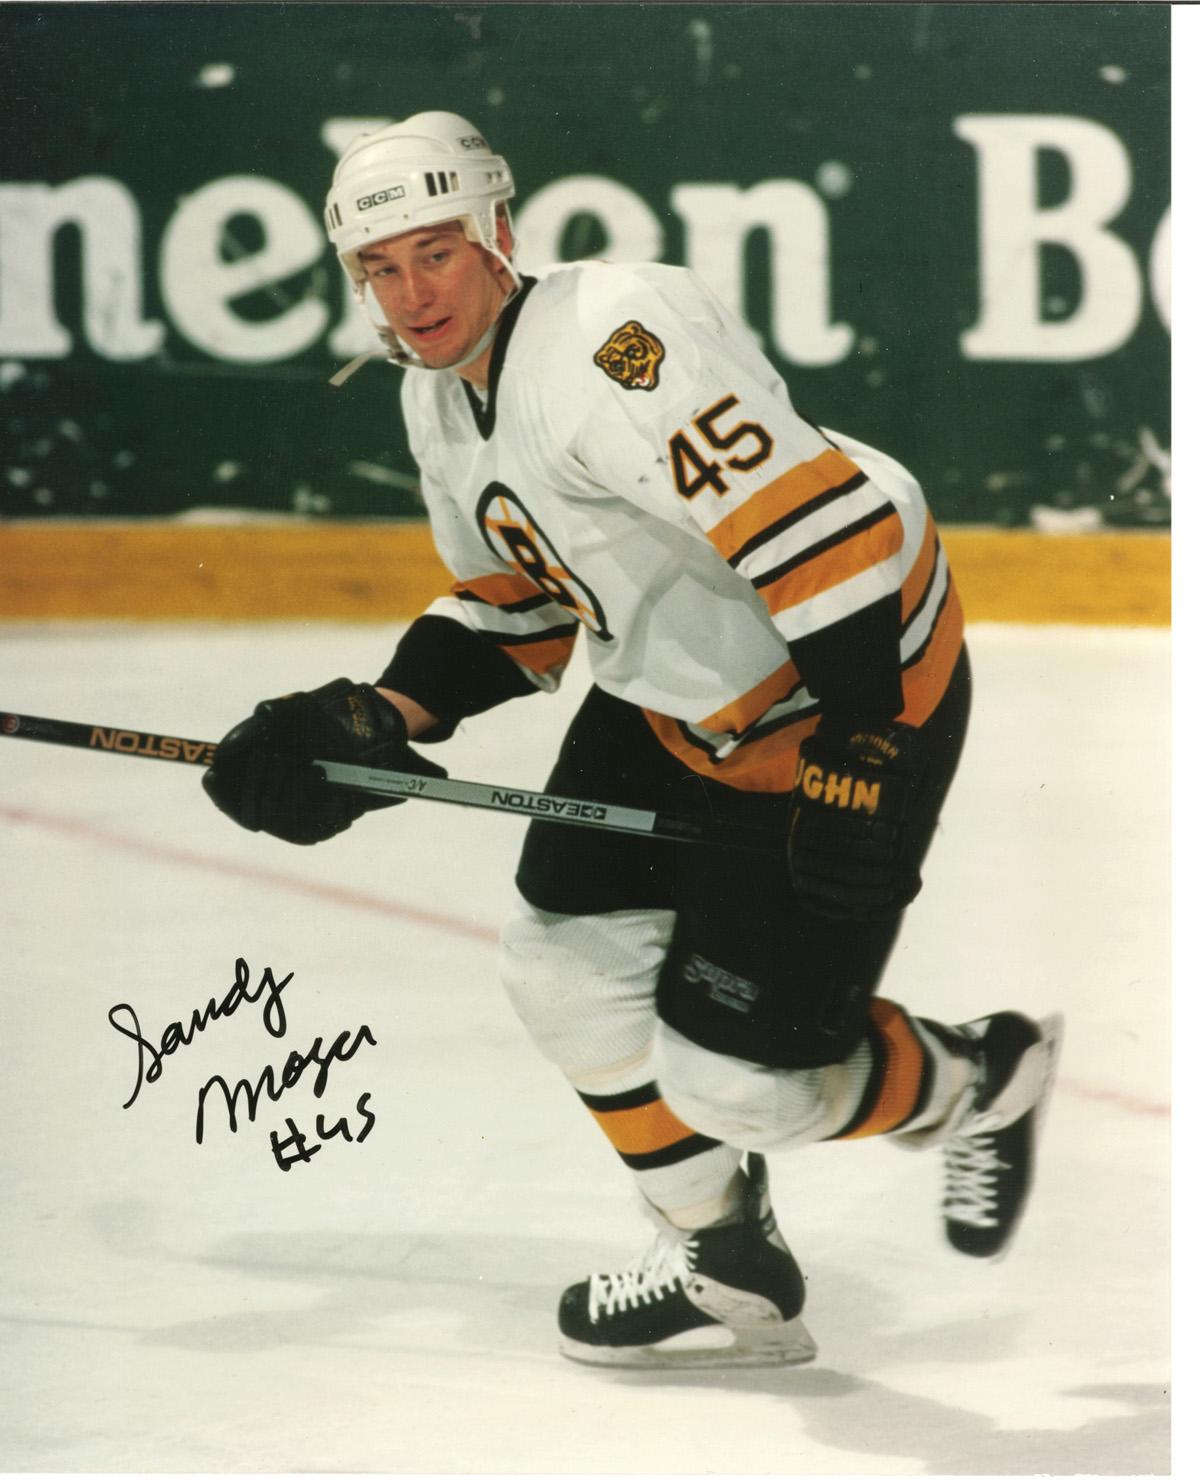 Sandy Moger autographed 8x10